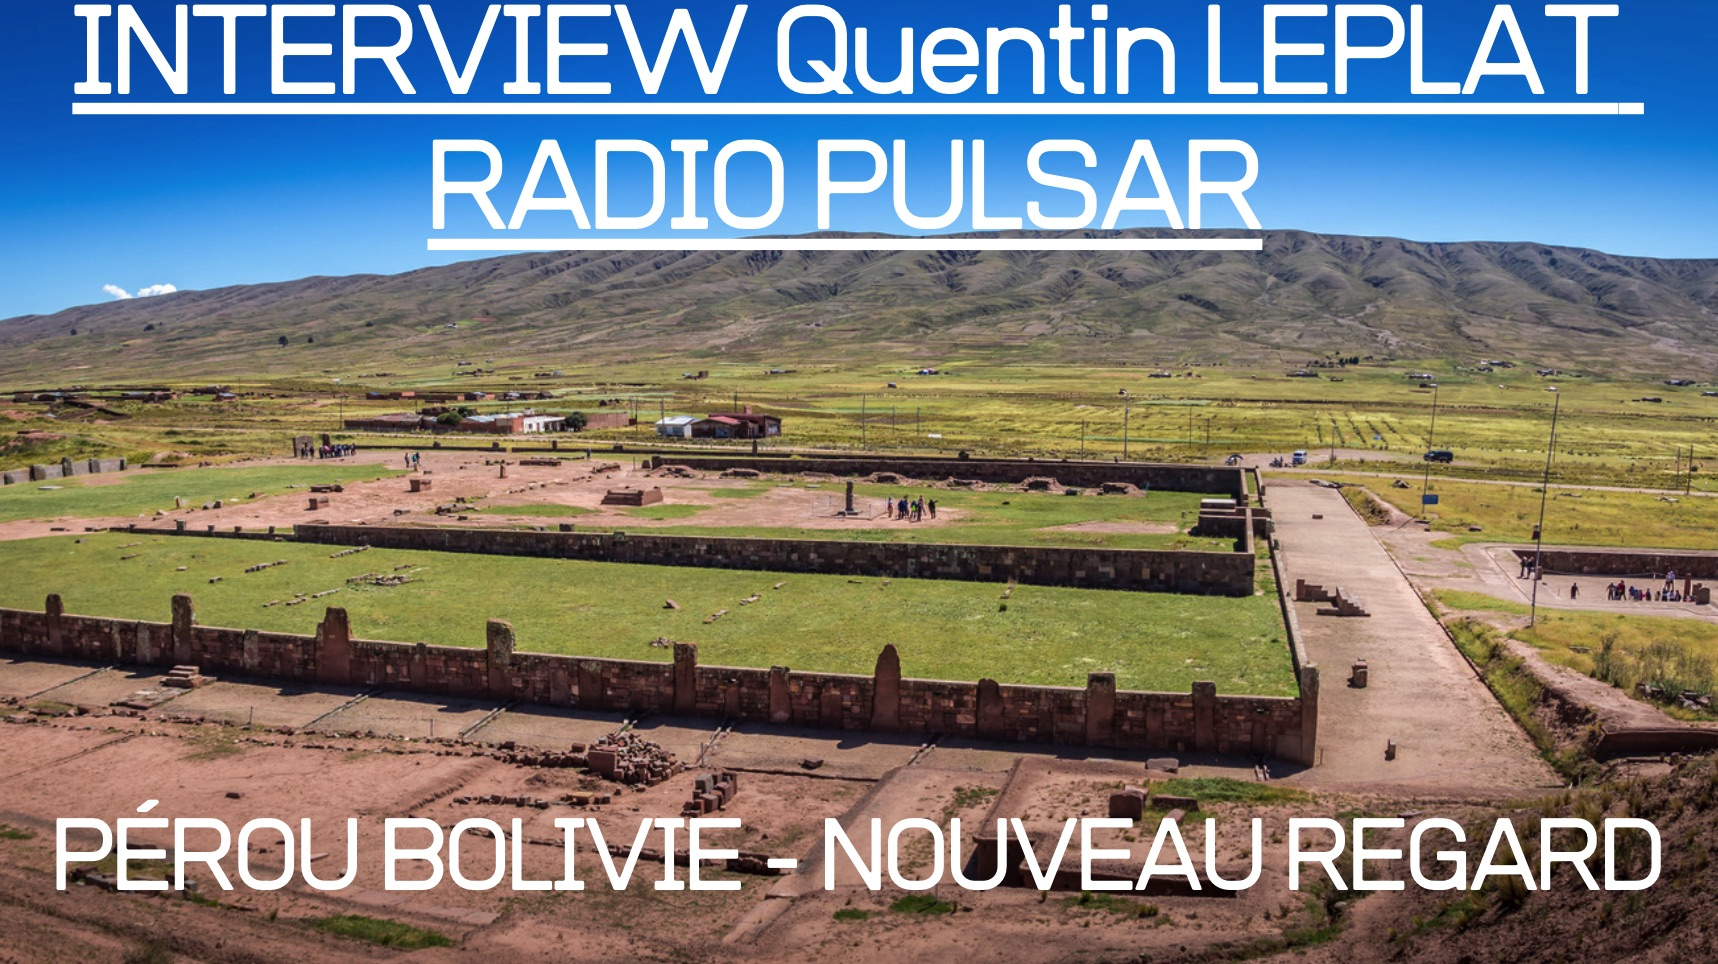 ecc81mission-radio-perou-bolivie_scruberthumbnail_1